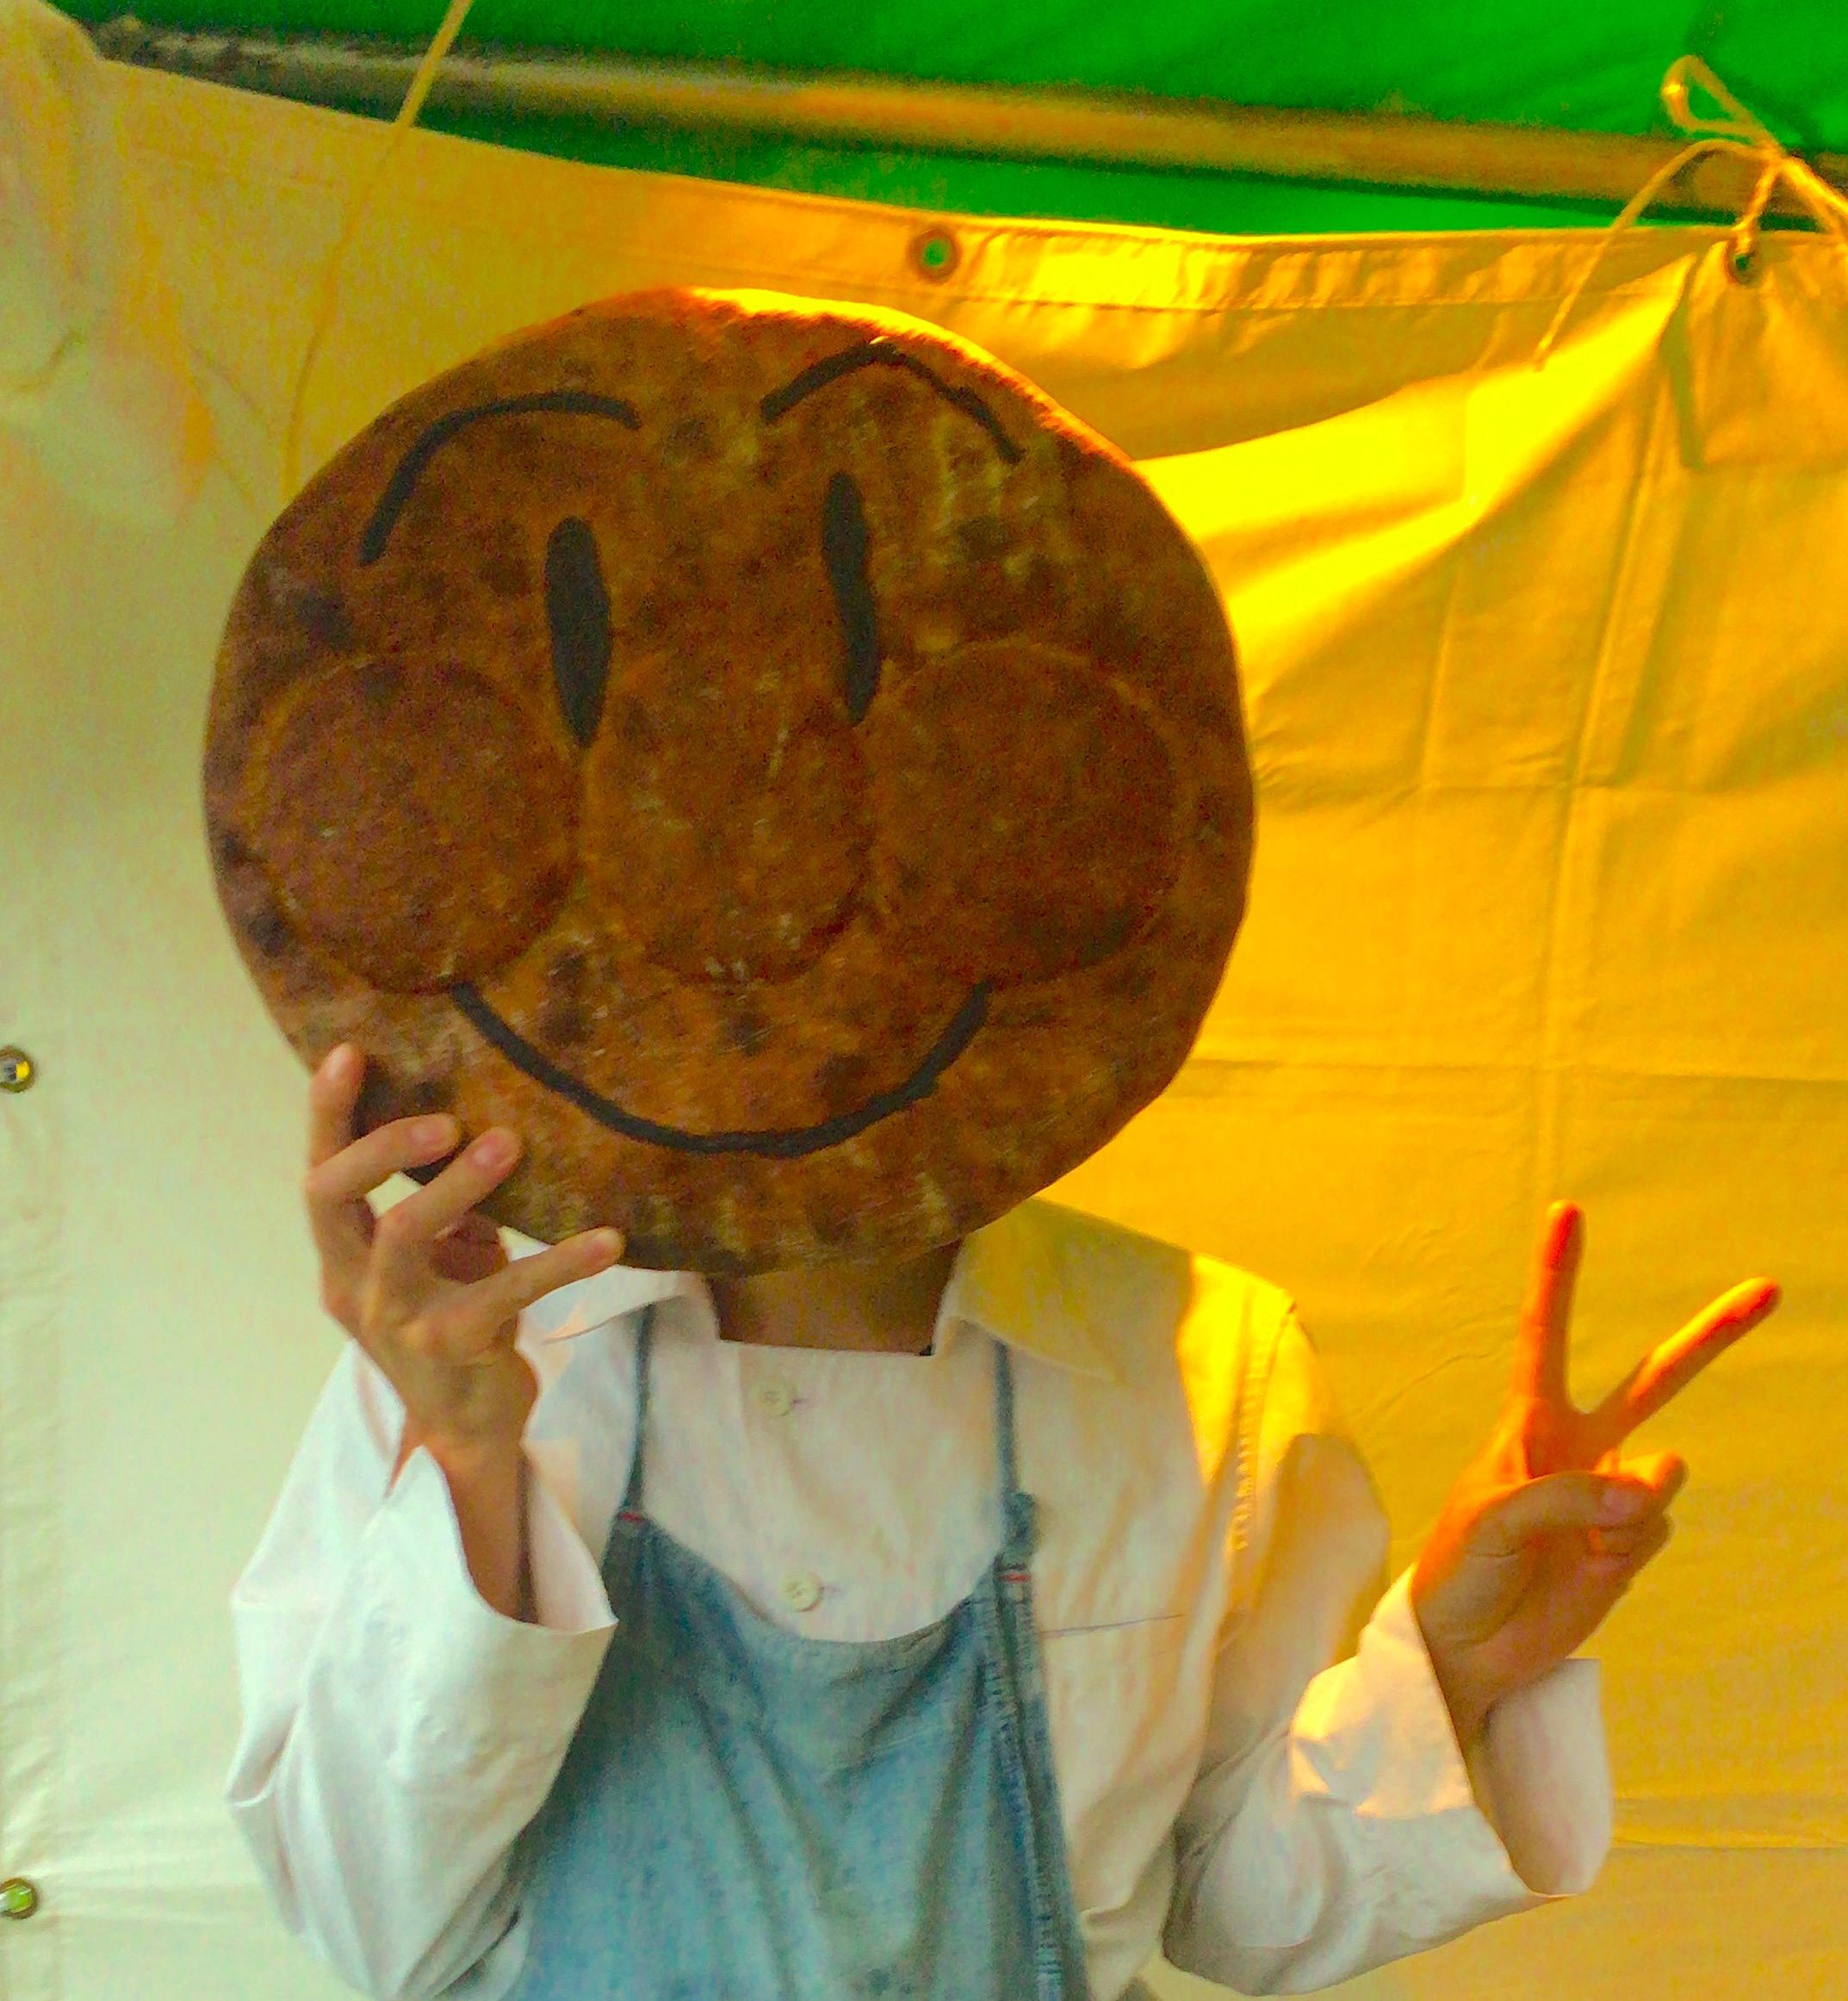 リアルサイズアンパンマンのパン!「TheBakers」のみなさんが作ってくれた!でかい!